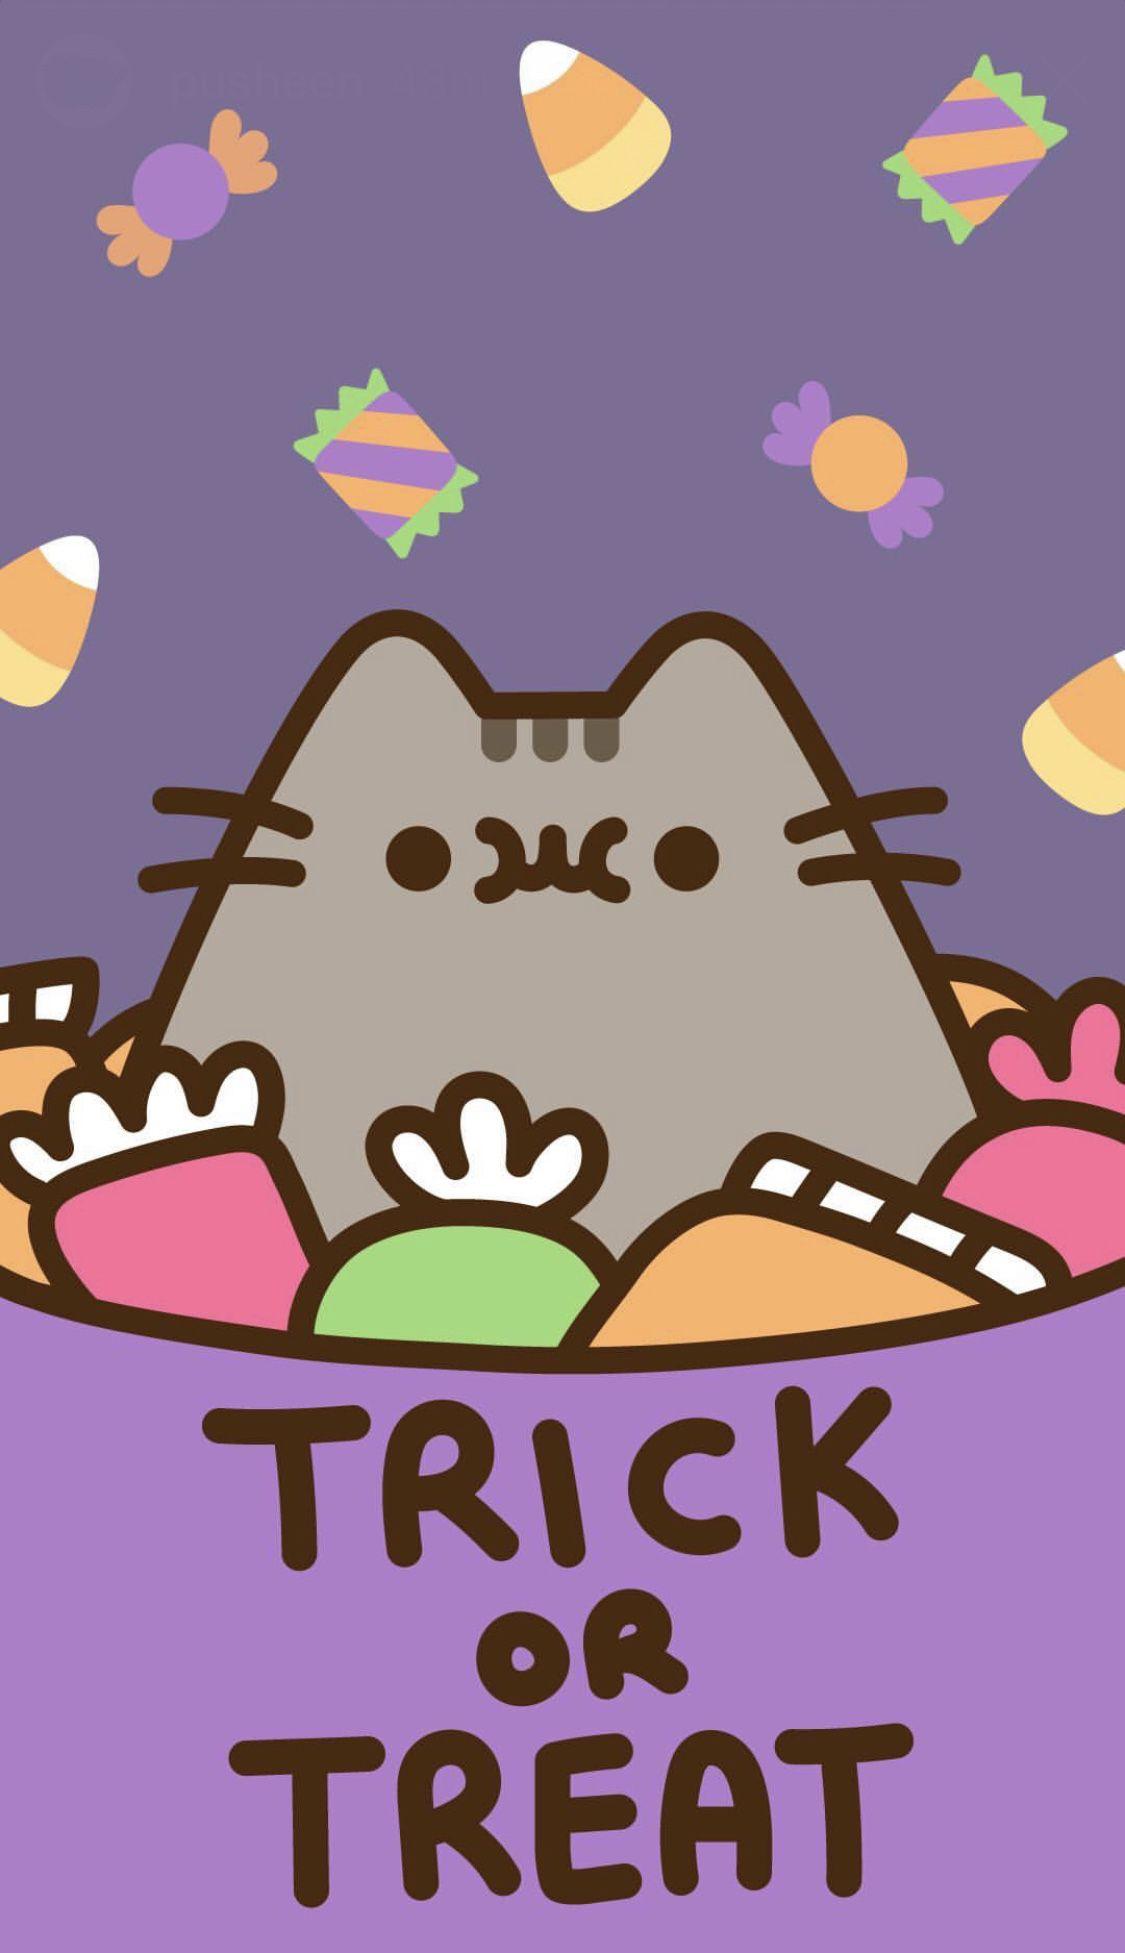 Pusheen Halloween Wallpaper Pusheen Cute Pusheen Cat Kawaii Wallpaper